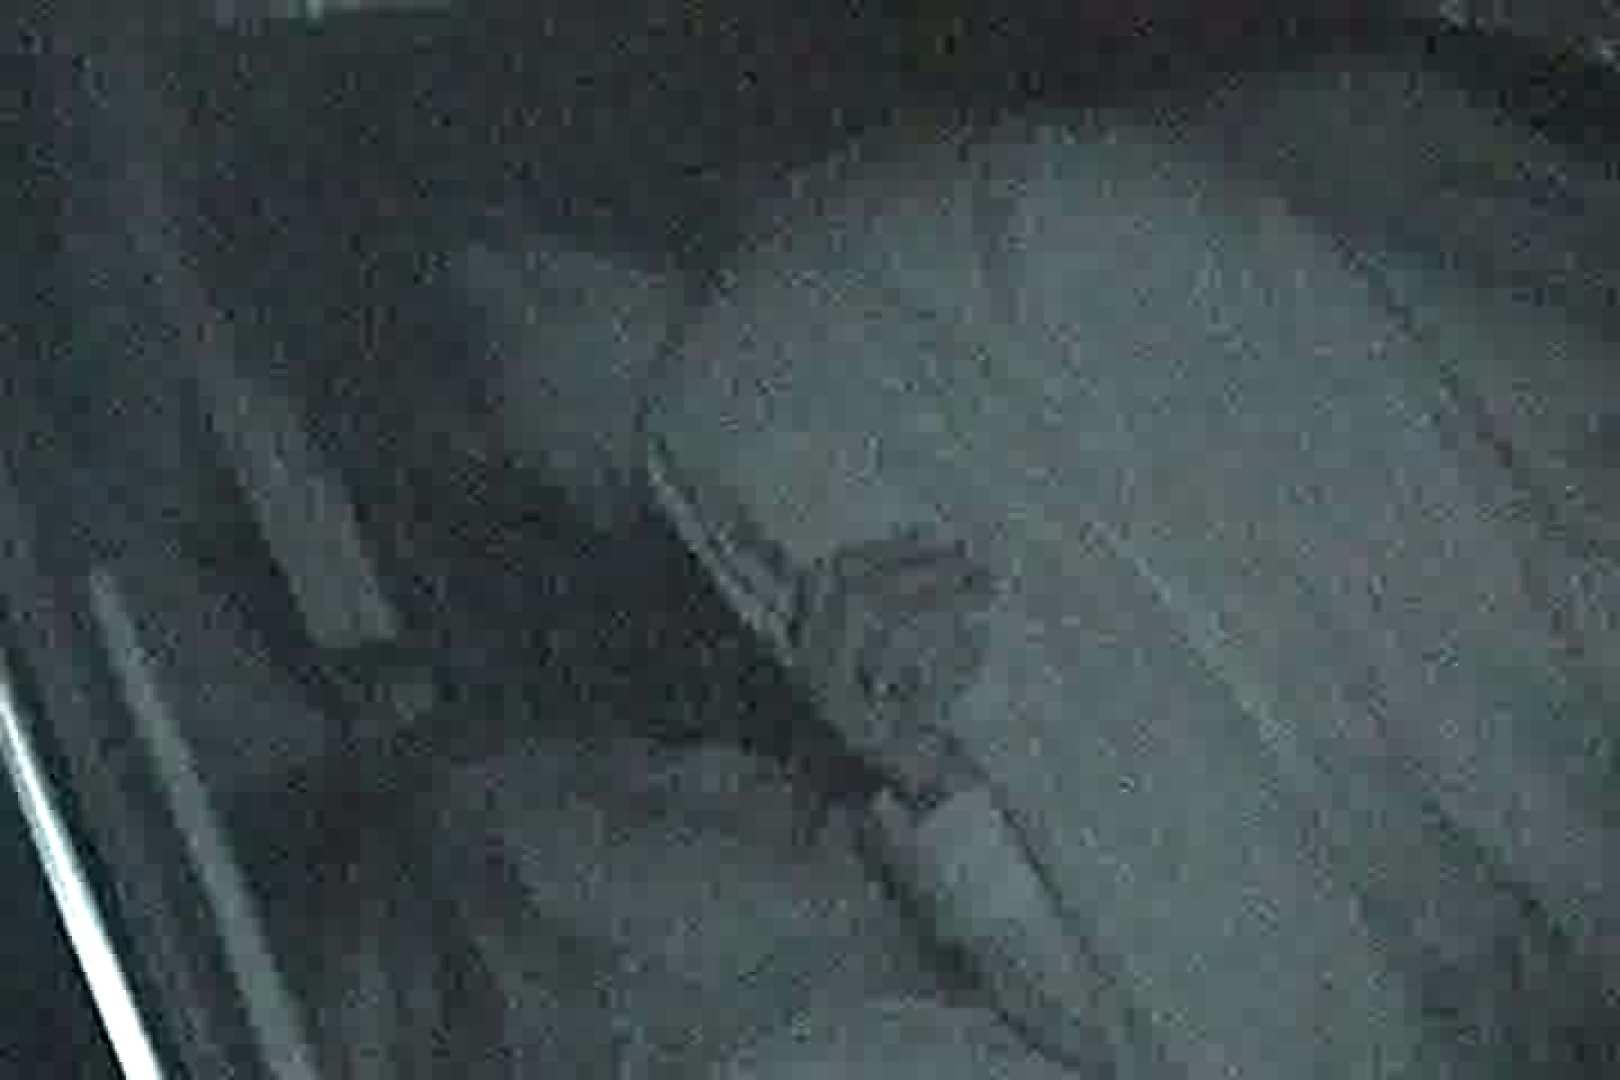 充血監督の深夜の運動会Vol.4 OLセックス  87画像 56